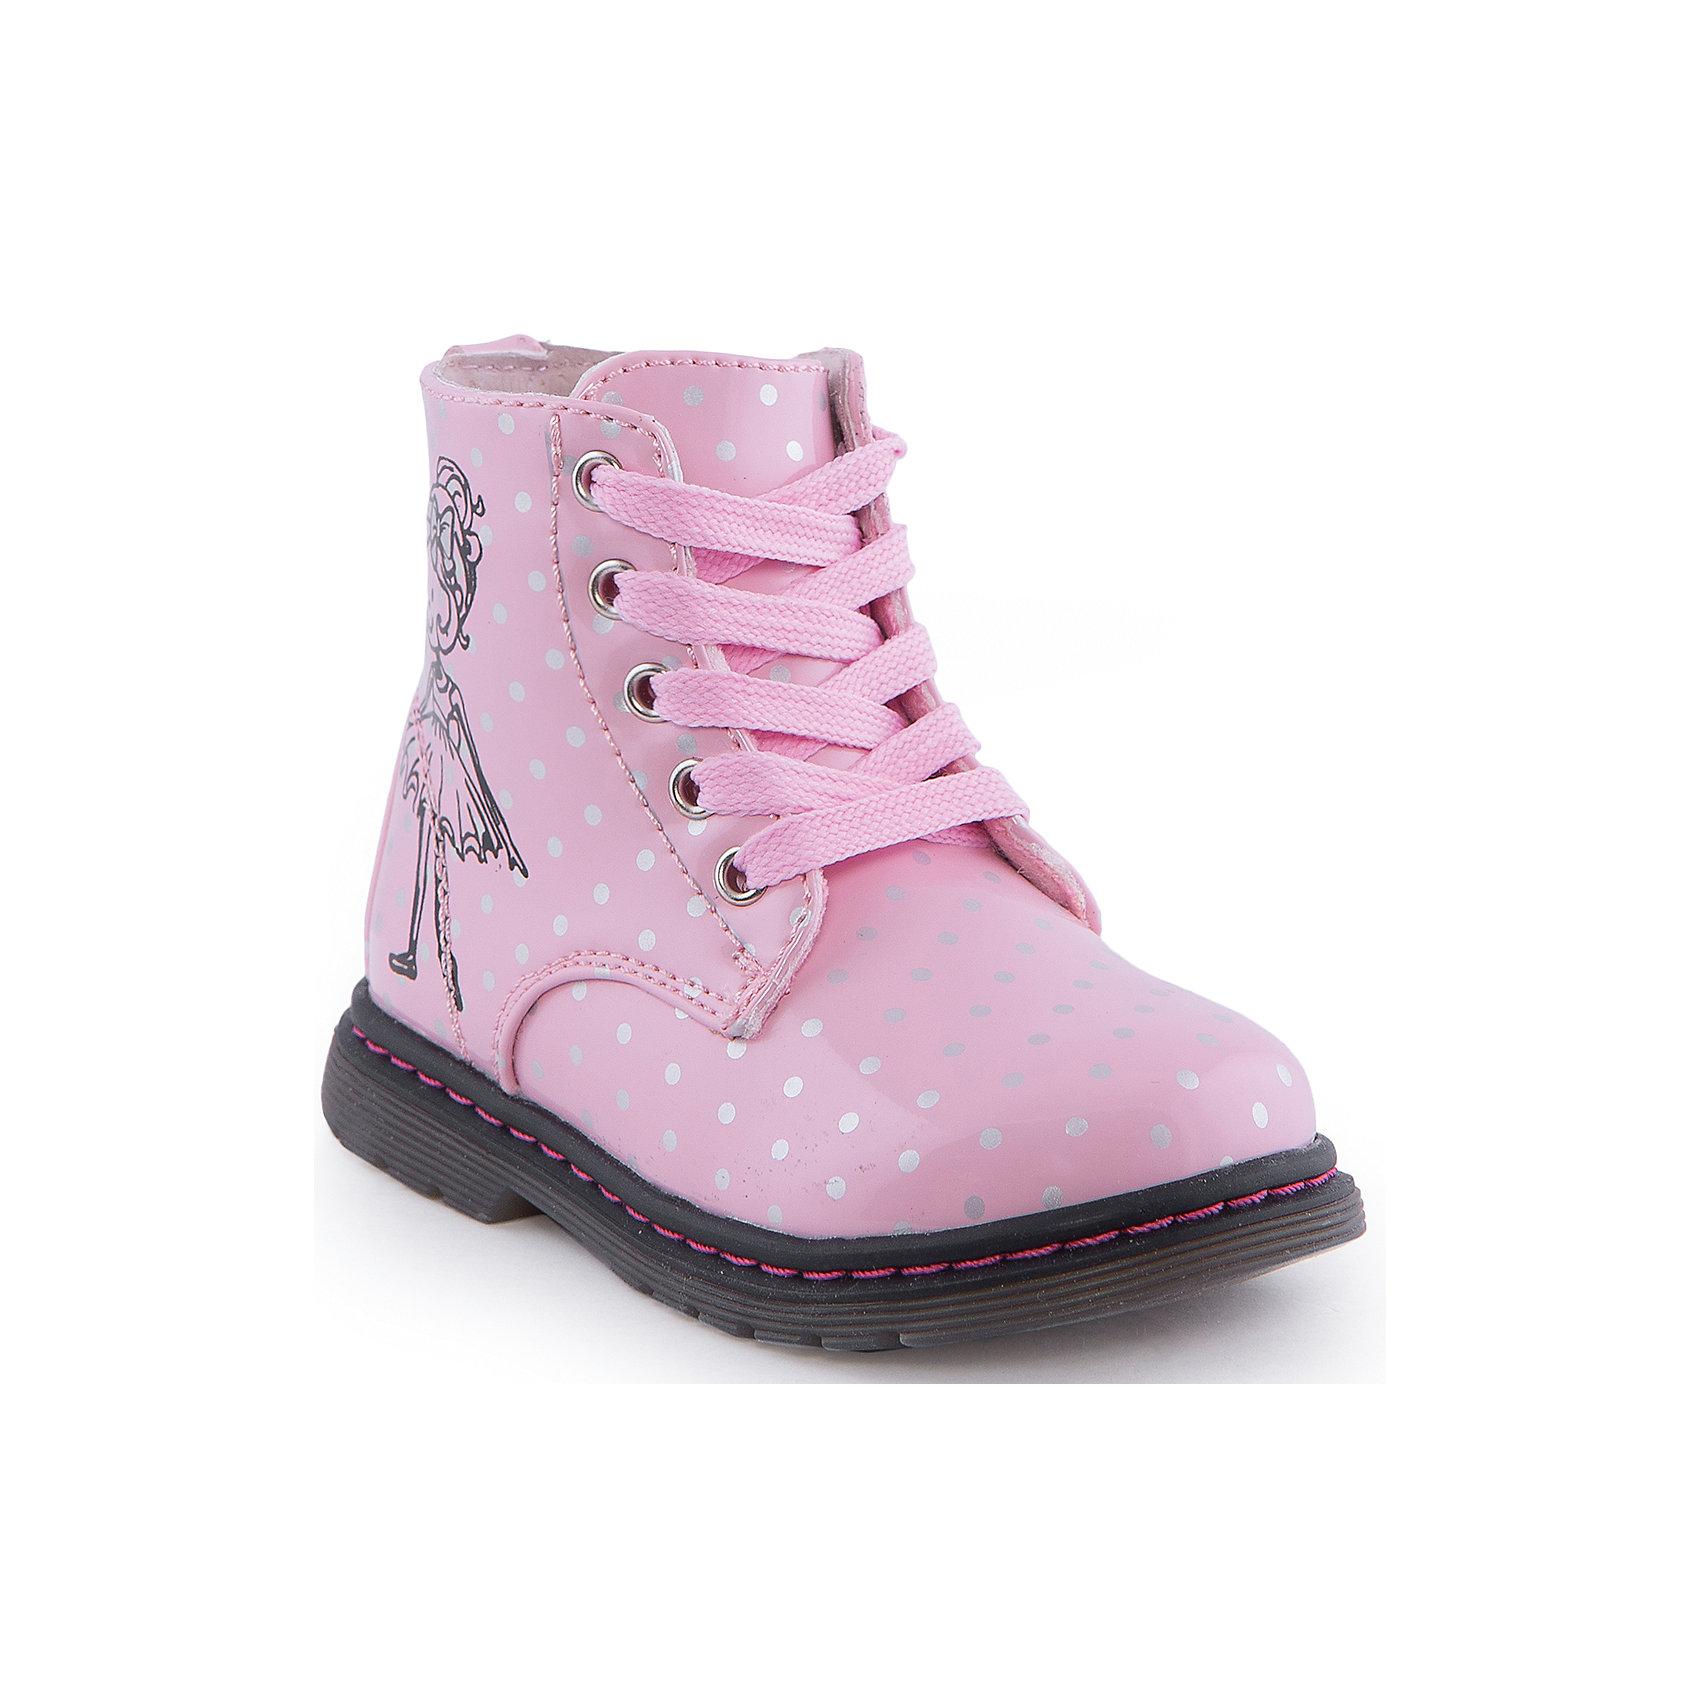 Ботинки для девочки Indigo kidsБотинки для девочки от известного бренда Indigo kids<br><br>Модные  высокие ботинки позволяют ножкам ребенка быть в тепле и сухости. Они легко надеваются и комфортно садятся по ноге. Оригинальный дизайн и качественное исполнение выделяют такую обувь из общего ряда новых моделей для этого сезона.<br><br>Особенности модели:<br><br>- цвет - белый;<br>- стильный дизайн;<br>- удобная колодка;<br>- подкладка-  байка;<br>- украшены принтом;<br>- устойчивая подошва;<br>- застежки: молния, шнуровка.<br><br>Дополнительная информация:<br><br>Температурный режим: от +5° С до +15° С<br><br>Состав:<br><br>верх – искусственная кожа;<br>подкладка -  байка;<br>подошва - ТЭП.<br><br>Ботинки для девочки Indigo kids (Индиго Кидс) можно купить в нашем магазине.<br><br>Ширина мм: 262<br>Глубина мм: 176<br>Высота мм: 97<br>Вес г: 427<br>Цвет: розовый<br>Возраст от месяцев: 18<br>Возраст до месяцев: 21<br>Пол: Женский<br>Возраст: Детский<br>Размер: 23,25,28,27,26,24<br>SKU: 4582812